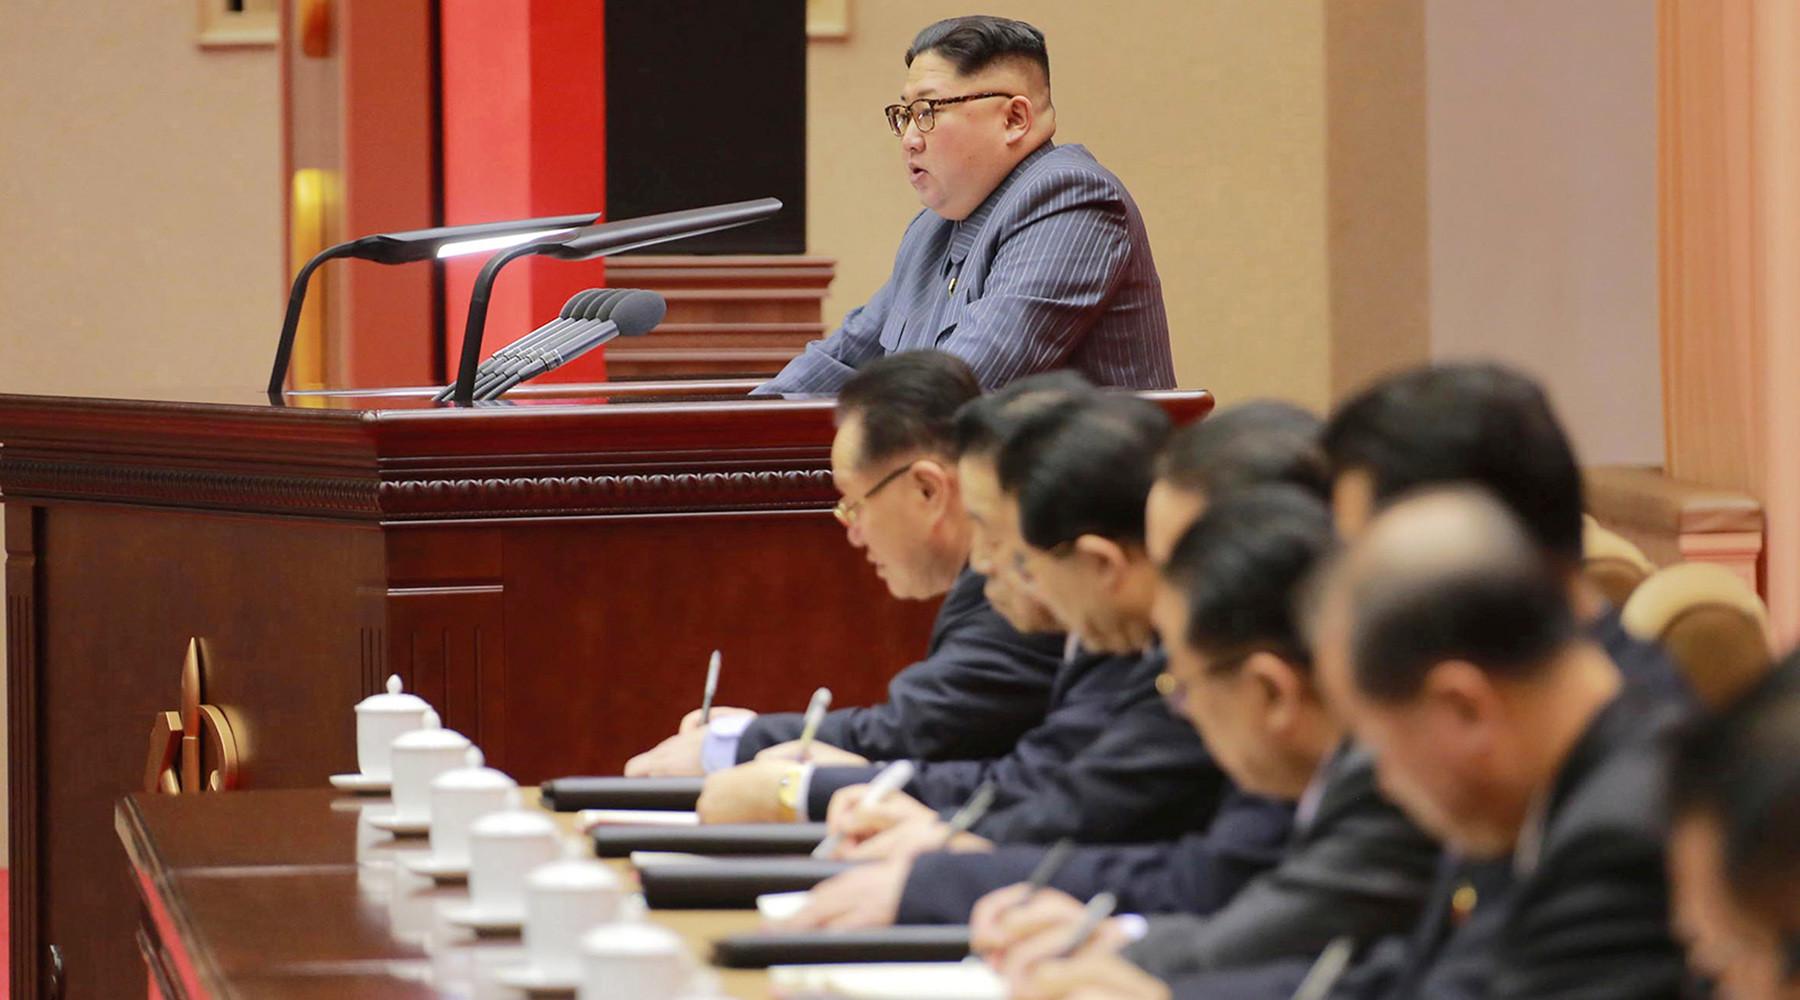 США хотят транслировать в КНДР радиопрограммы для просвещения граждан по вопросам прав человека